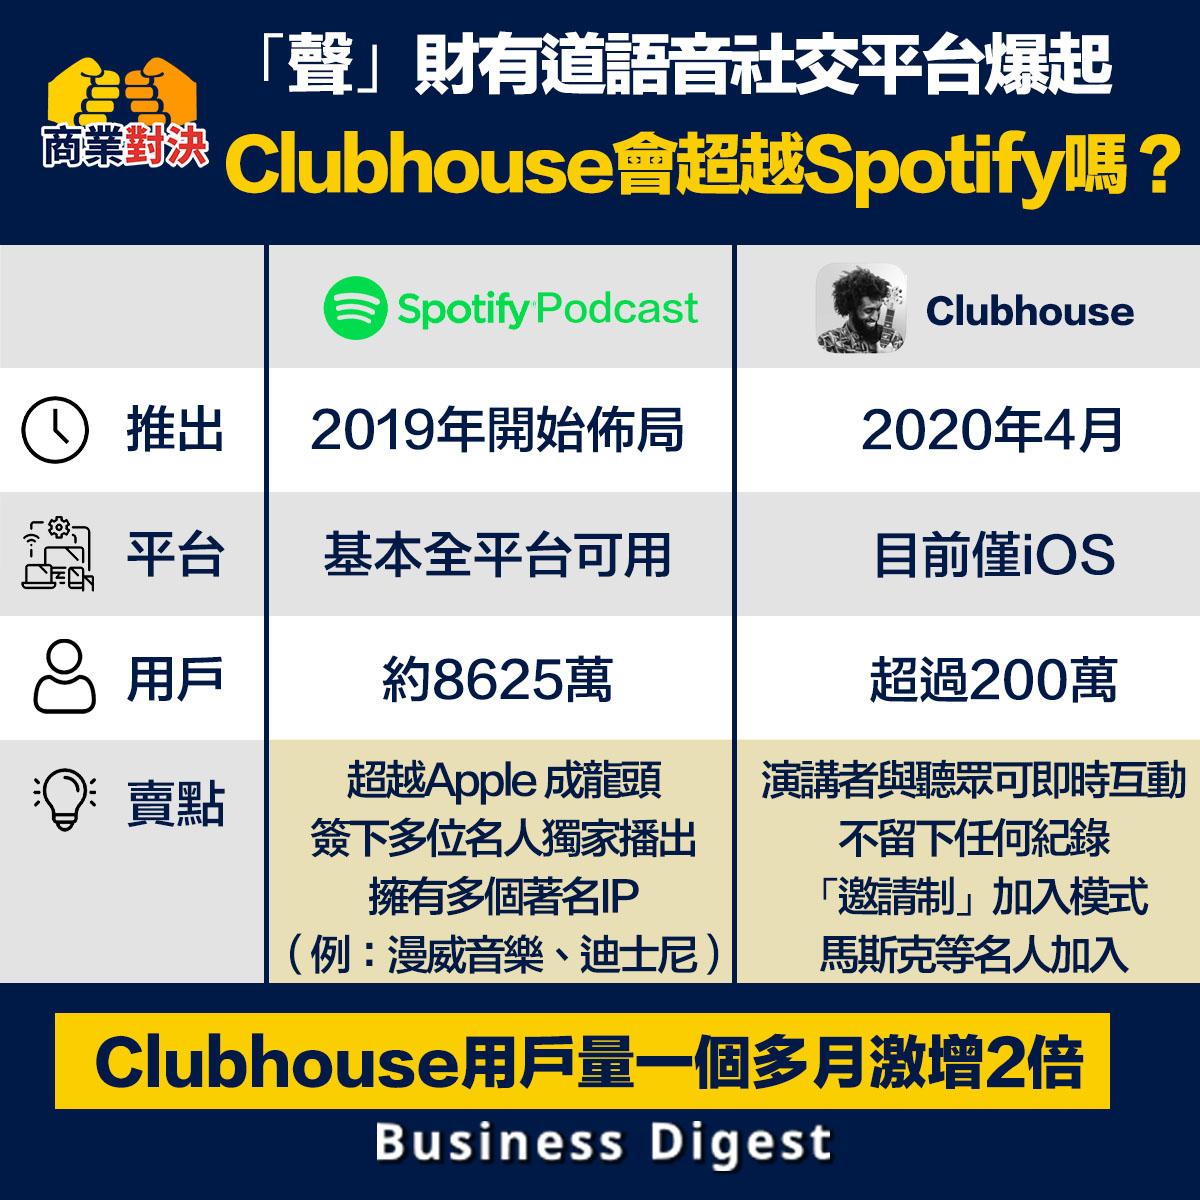 「聲」財有道語音社交平台爆起,Clubhouse會超越Spotify podcast嗎?